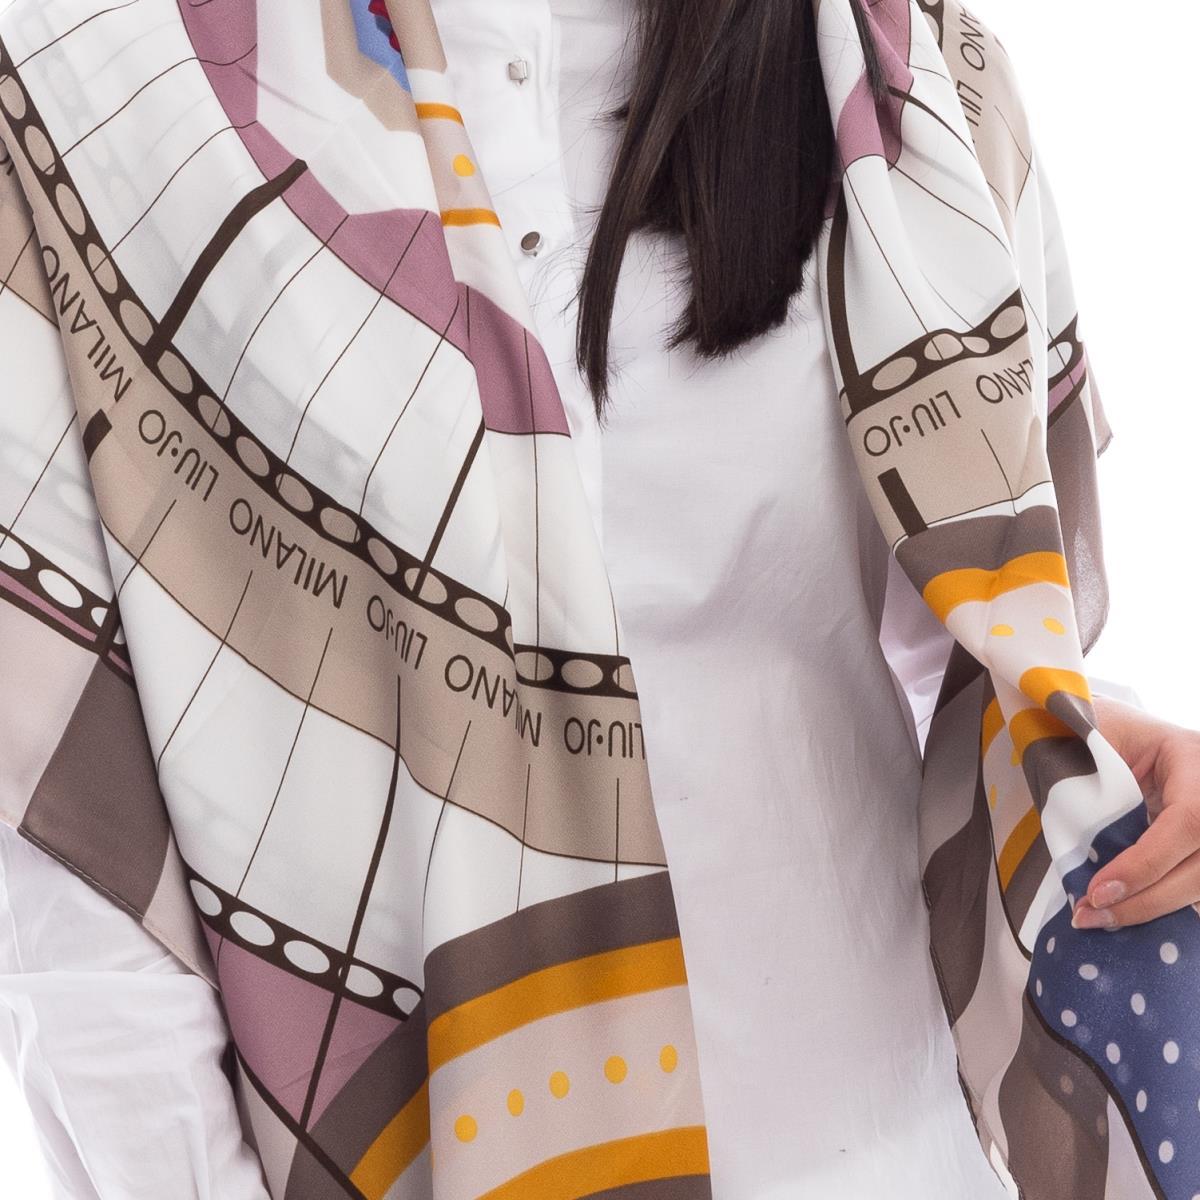 LIU JO ACCESSORI Abbigliamento Multicolor 2F0105T0300